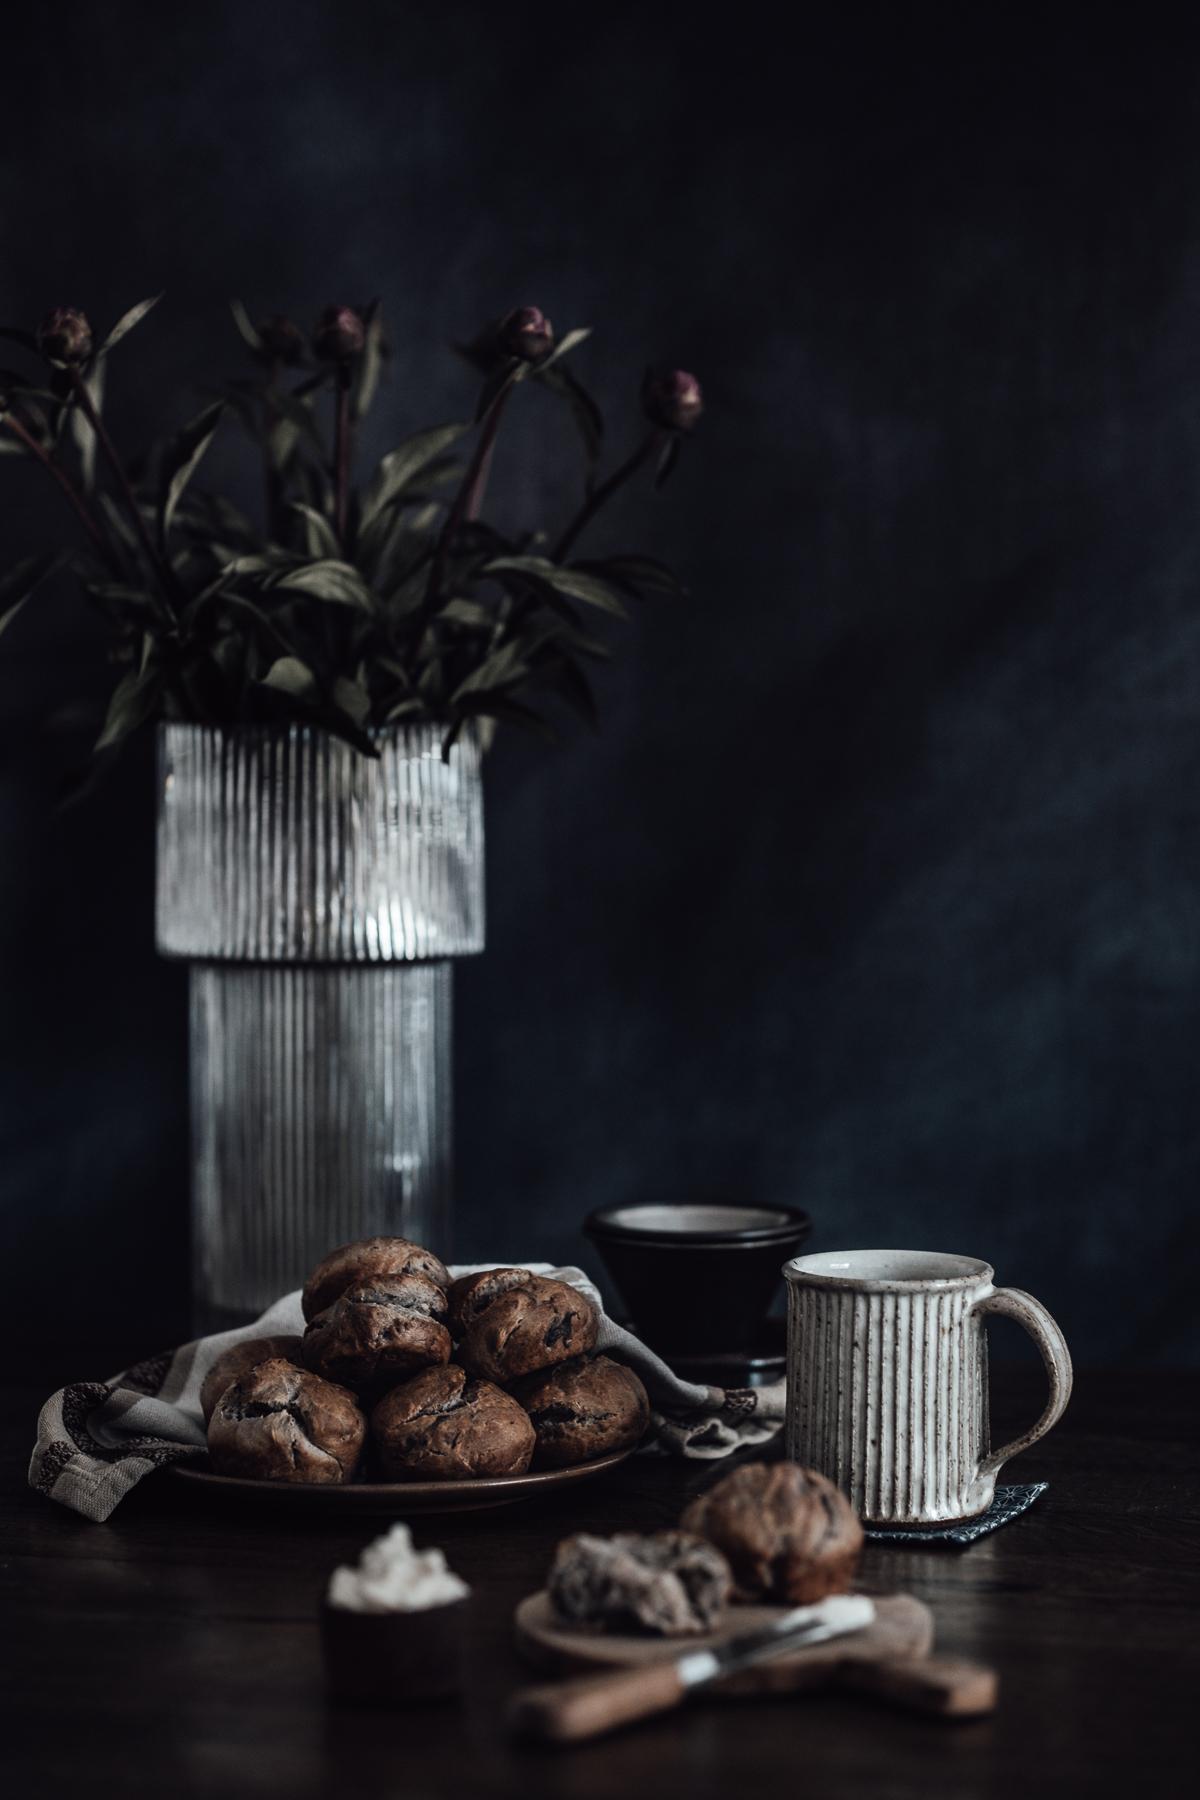 Blueberry Scone Breakfast - Fujifilm XT3 - Yes! Please Enjoy by Fanning Tseng-6.jpg